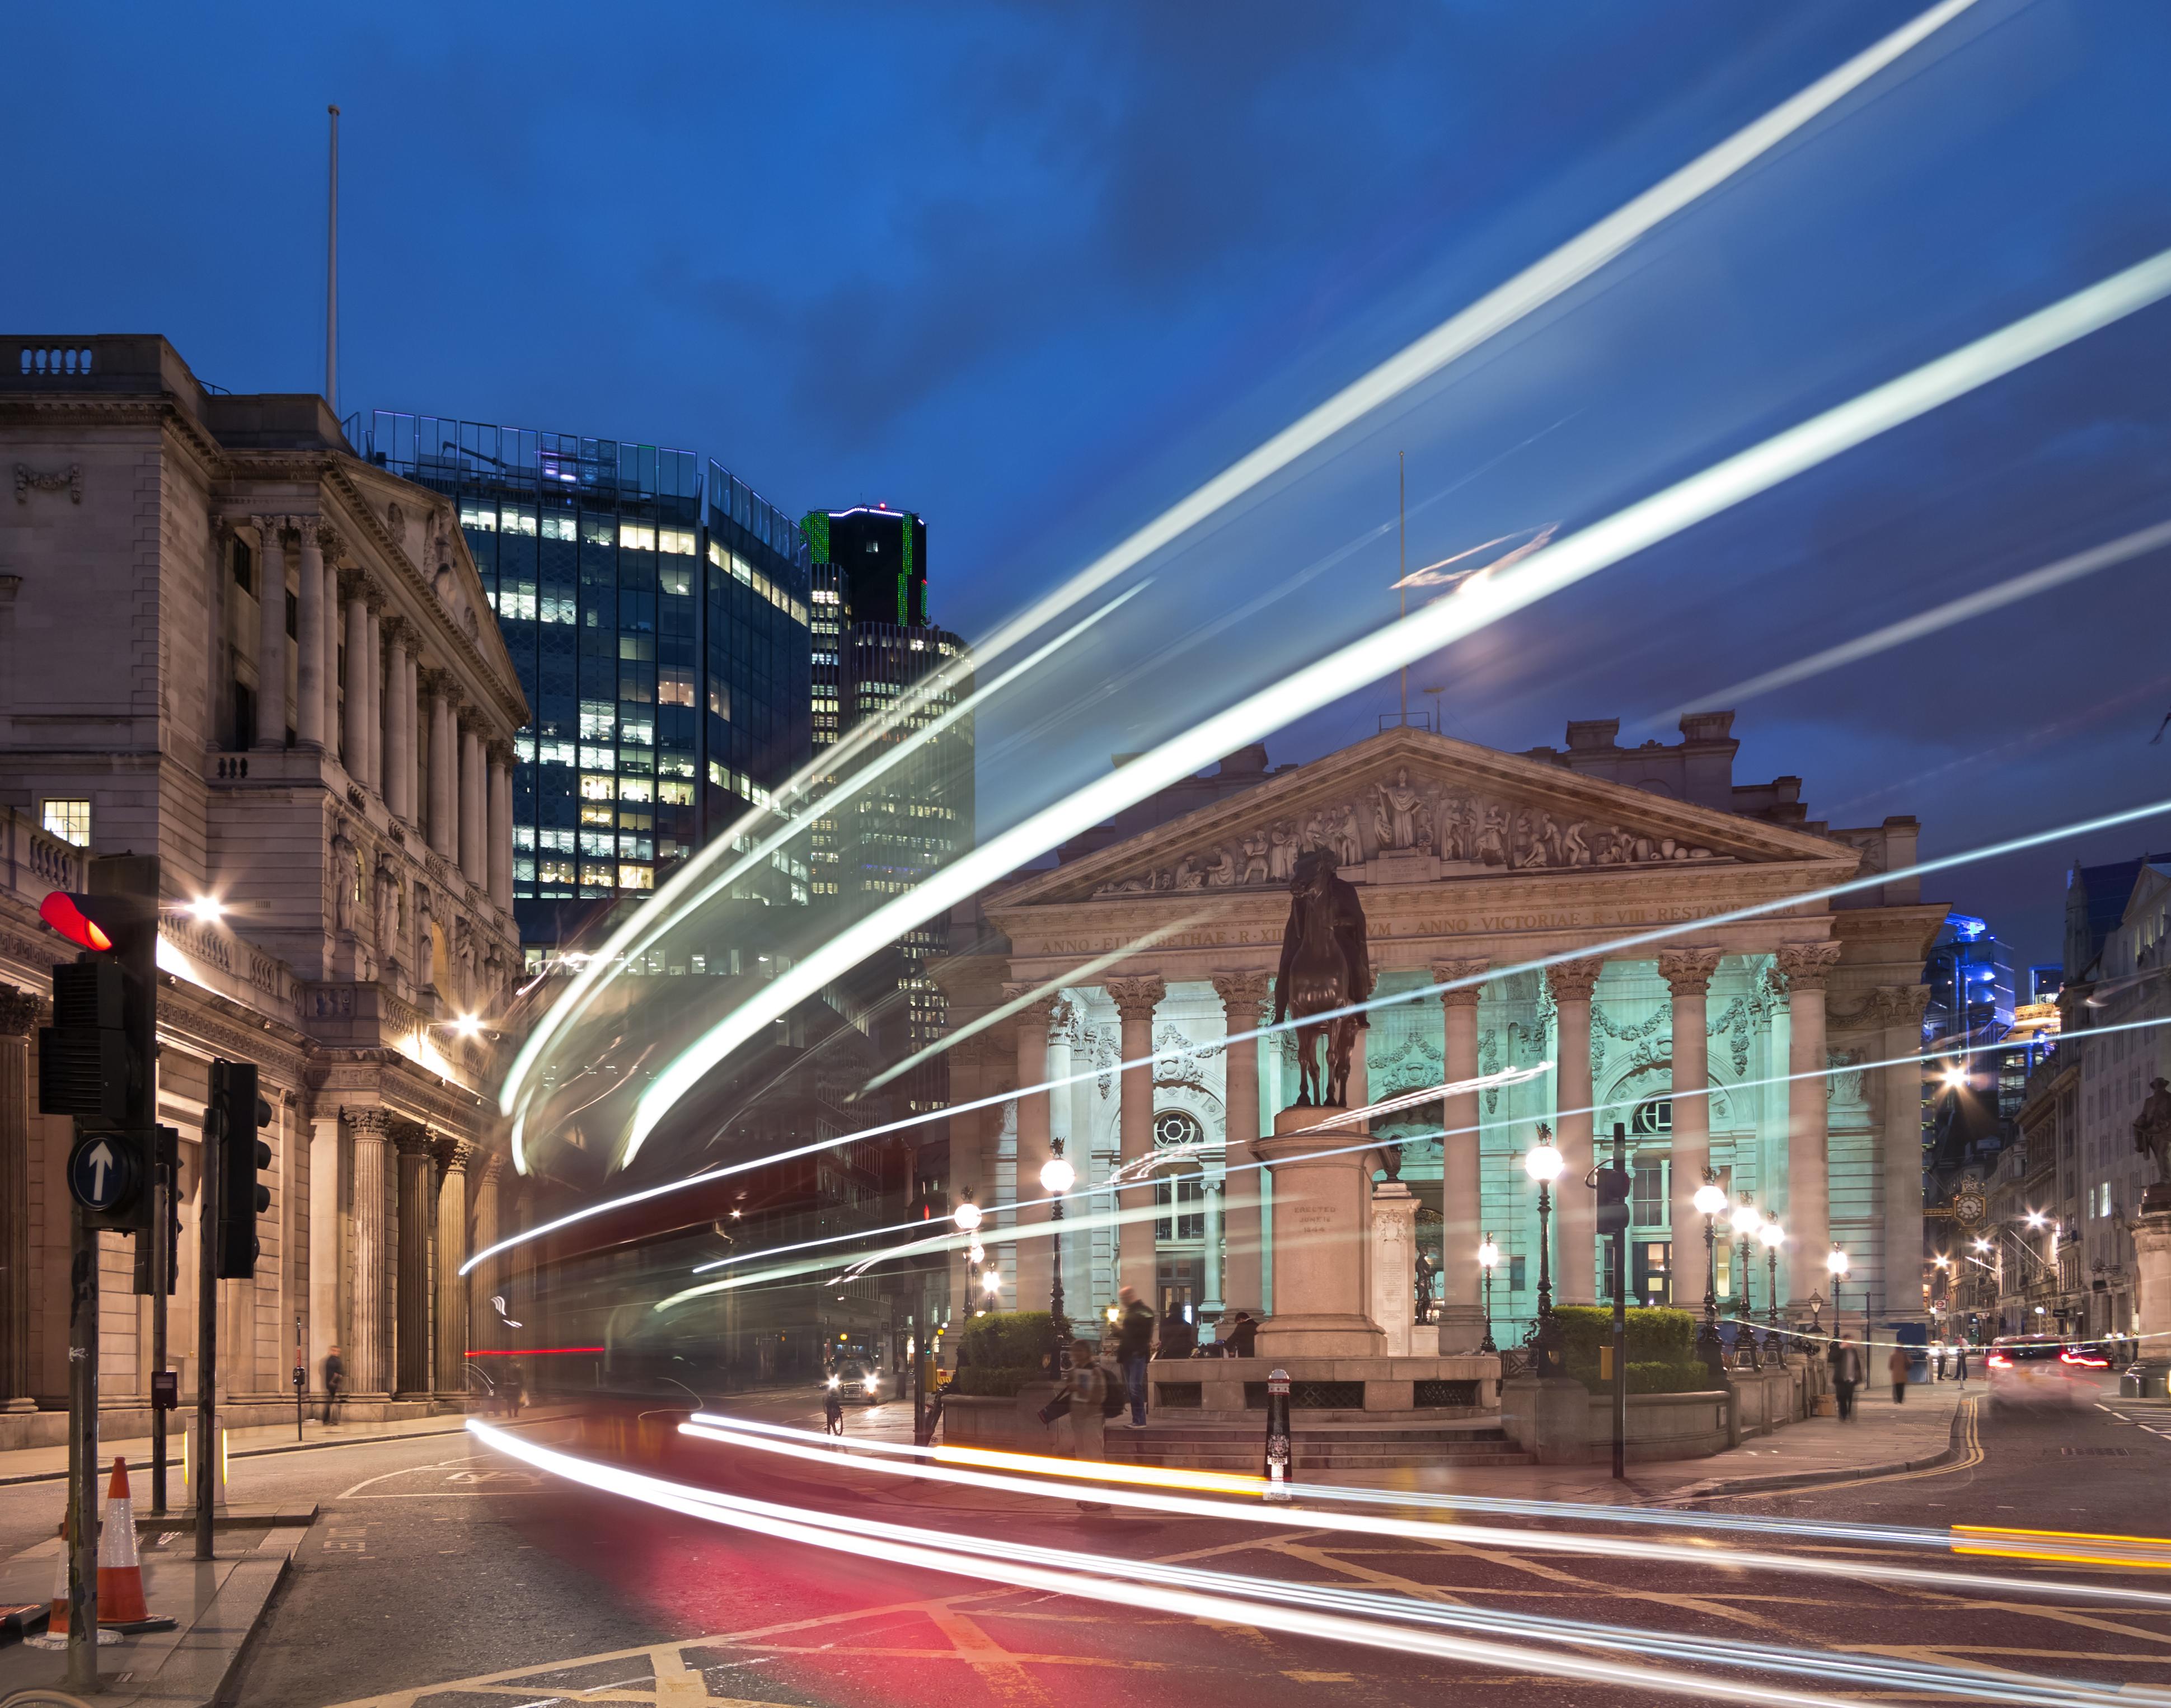 Bank of England - iStock